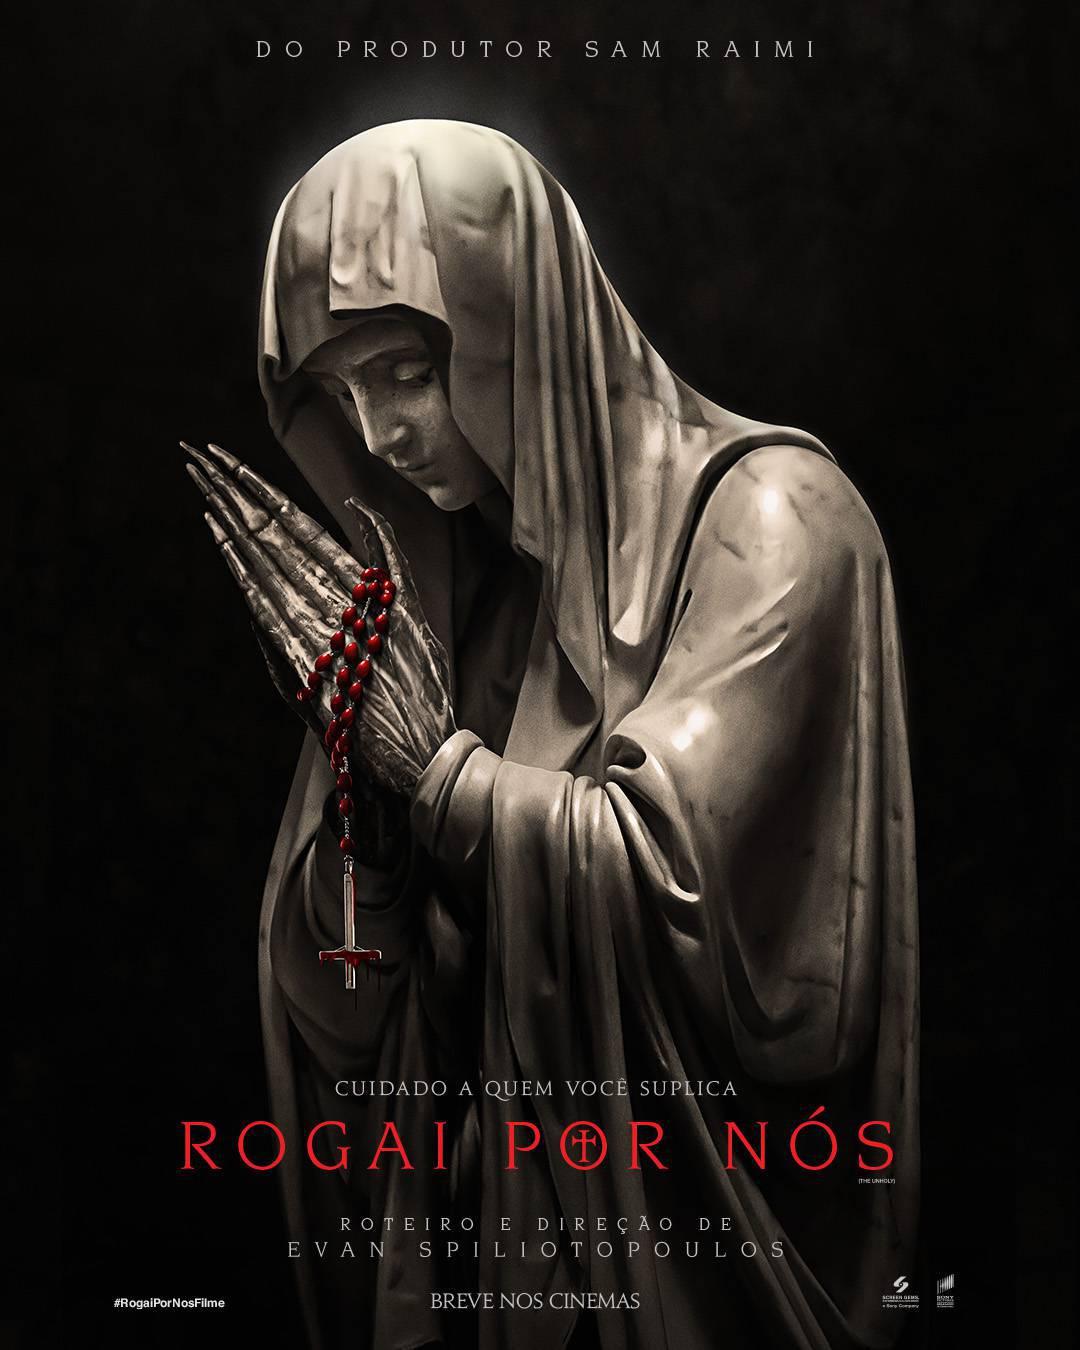 Rogai Por Nós | Novo longa de terror ganha trailer e pôster oficial